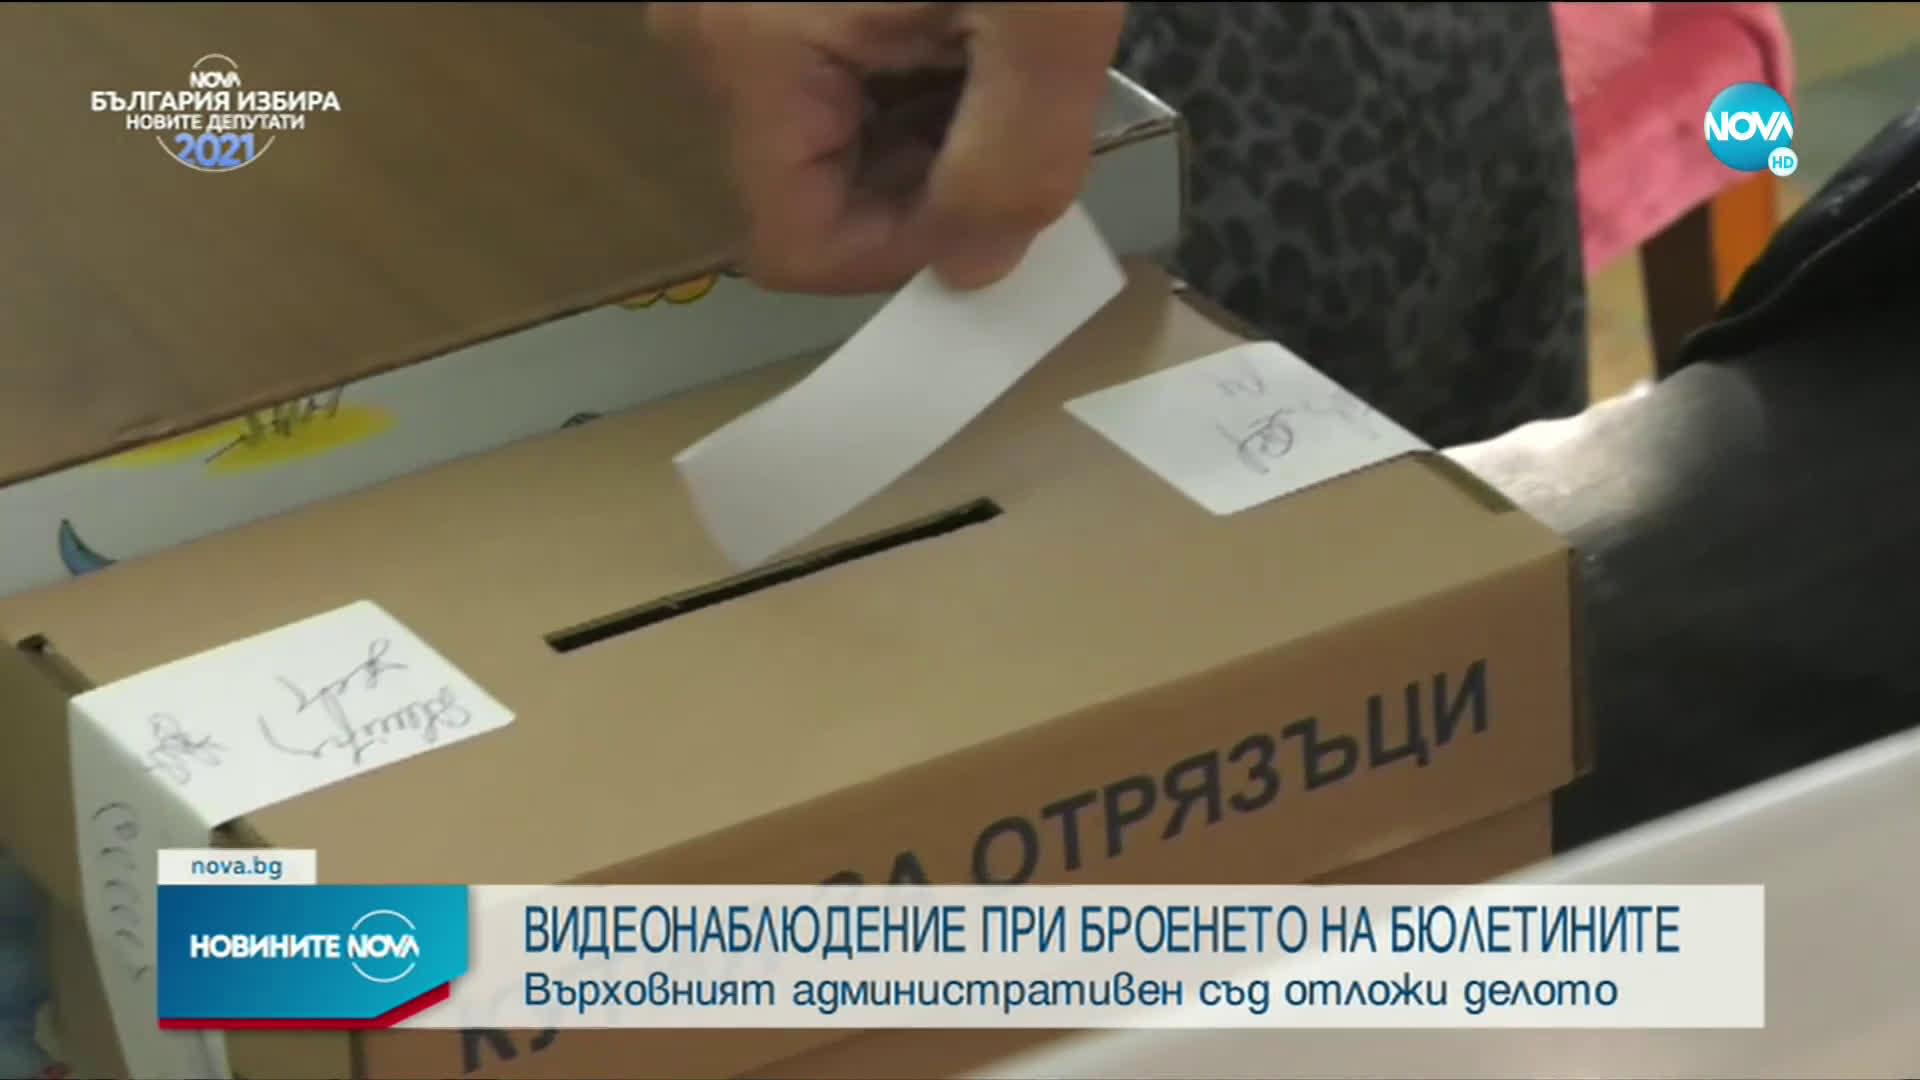 Видео - (2021-04-02 19:11:34)